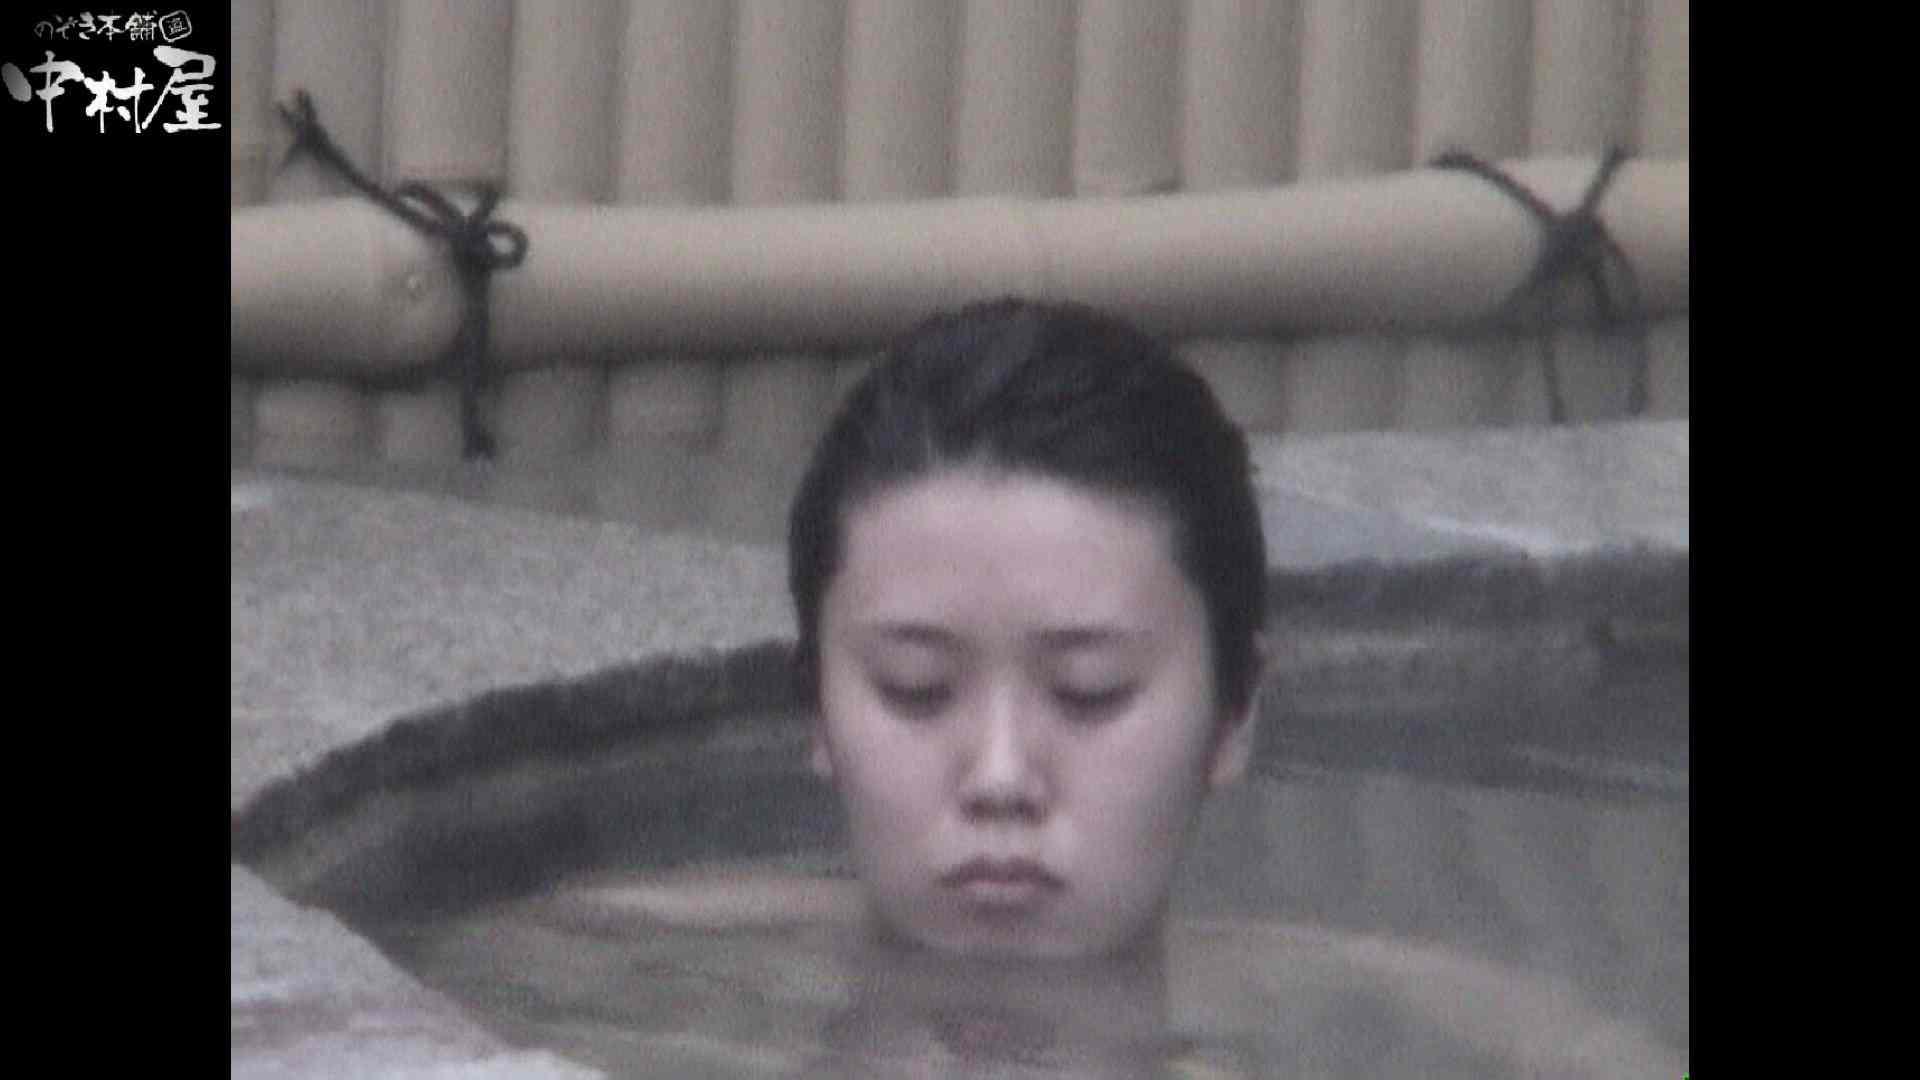 Aquaな露天風呂Vol.922 OLのエロ生活 エロ画像 45連発 8